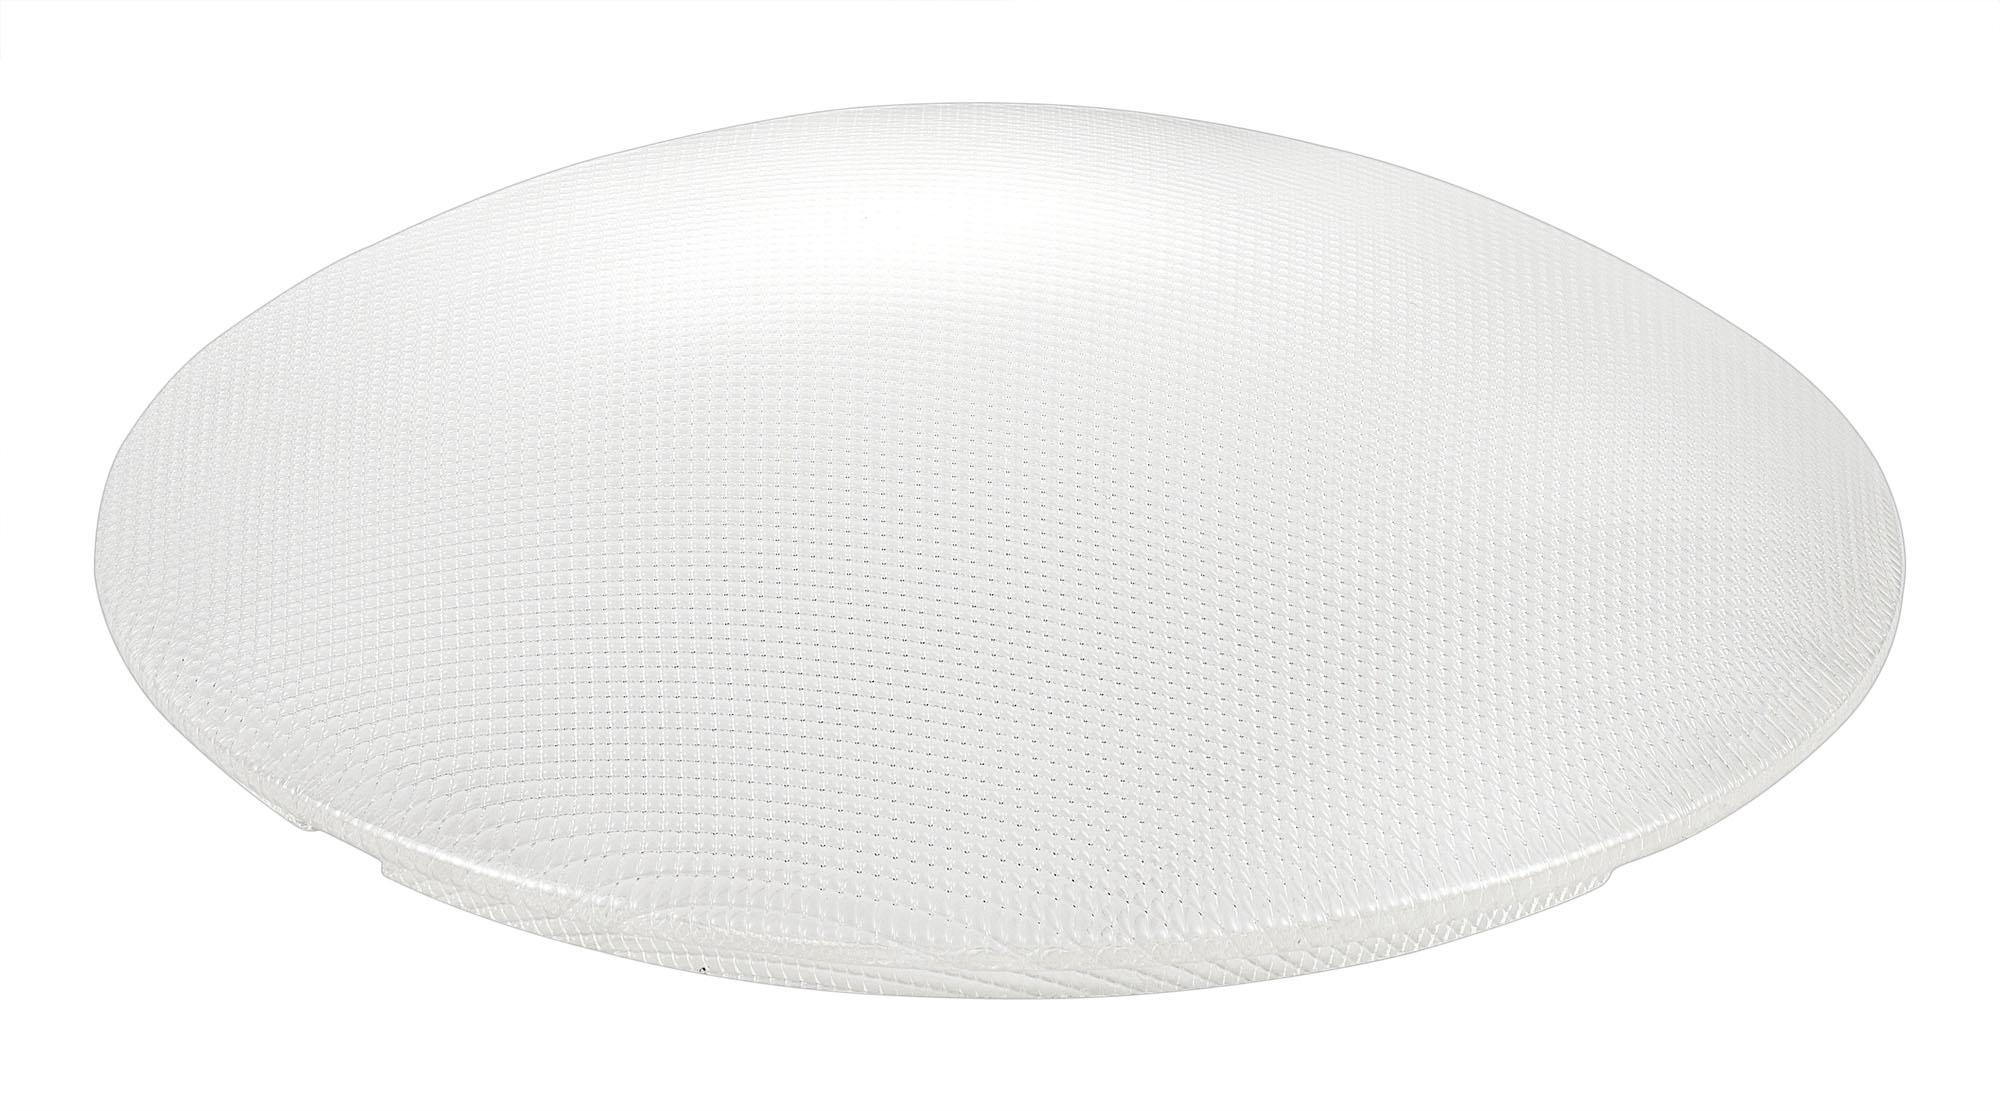 漫射罩-无电照明系统